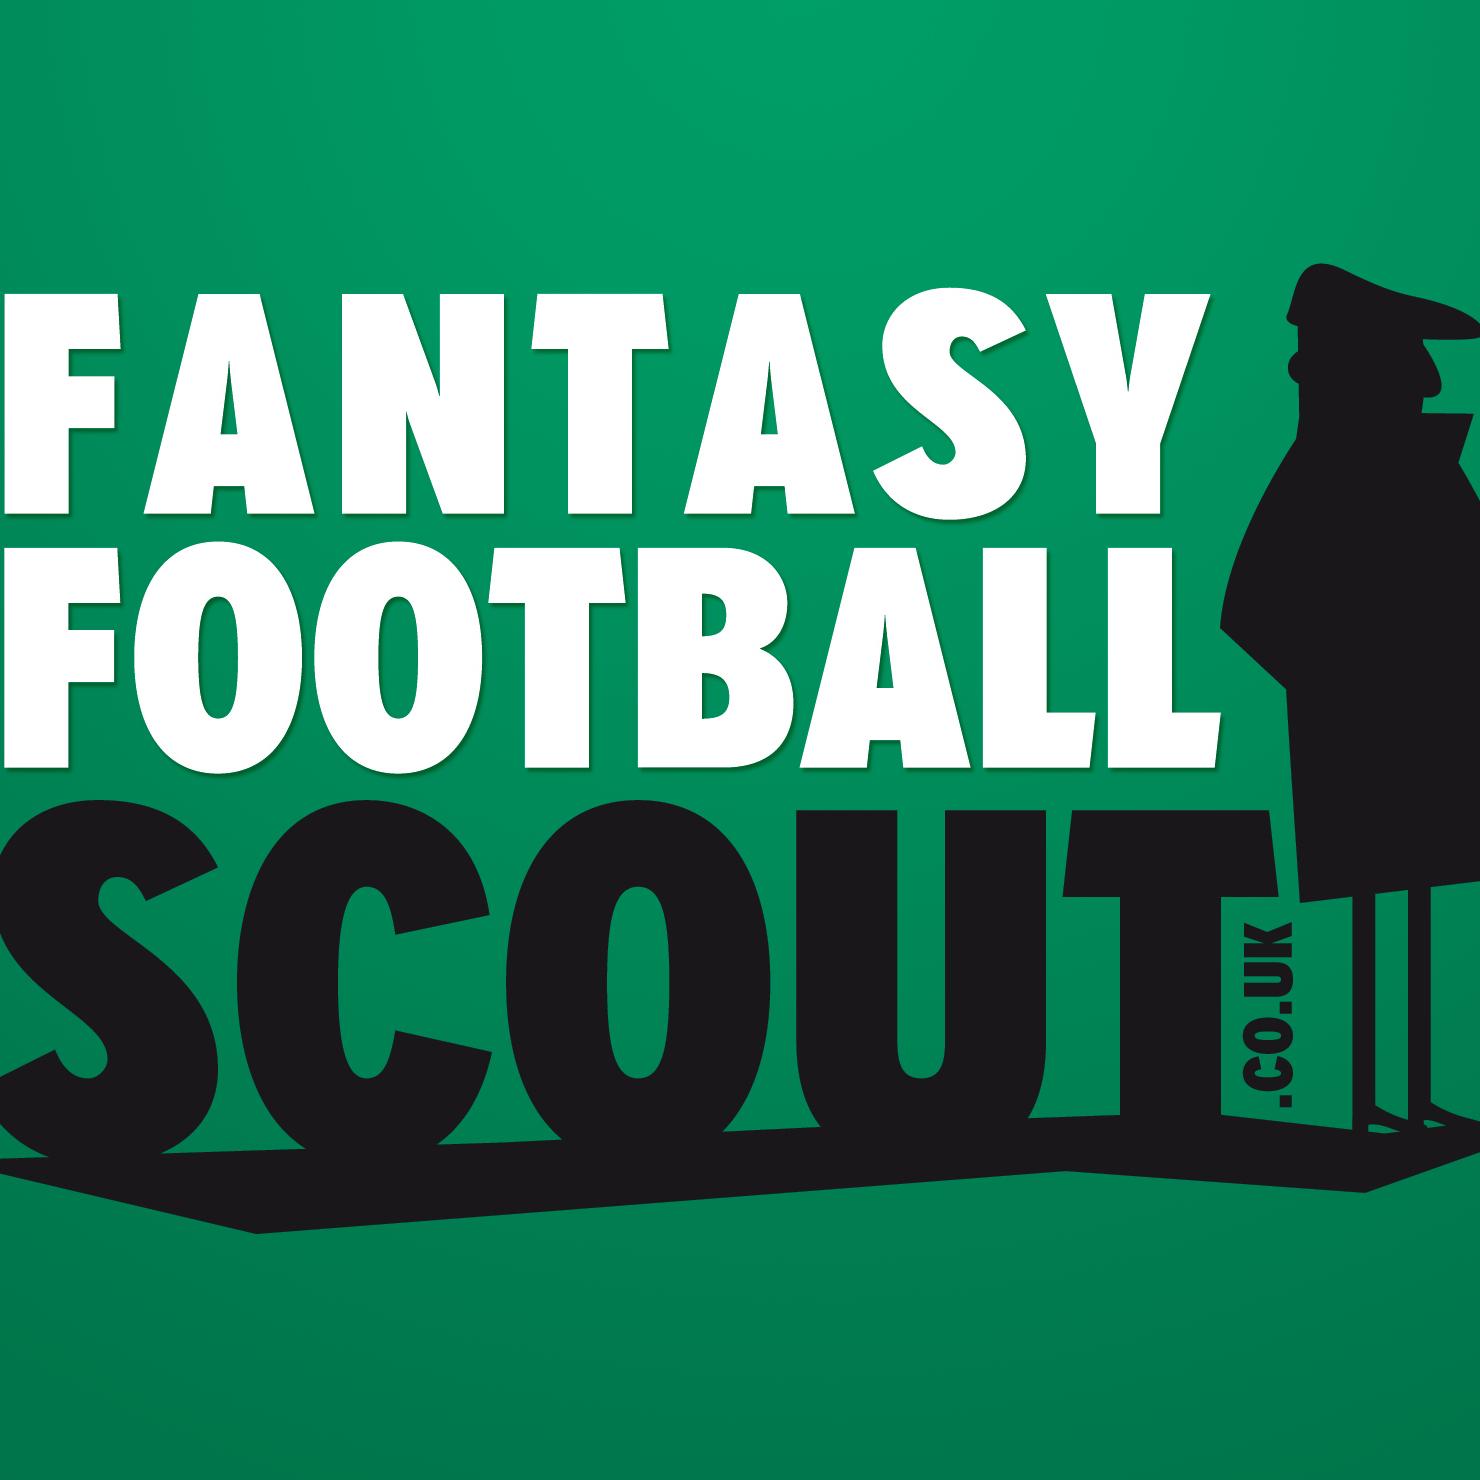 The Fantasy Football Scoutcast show art